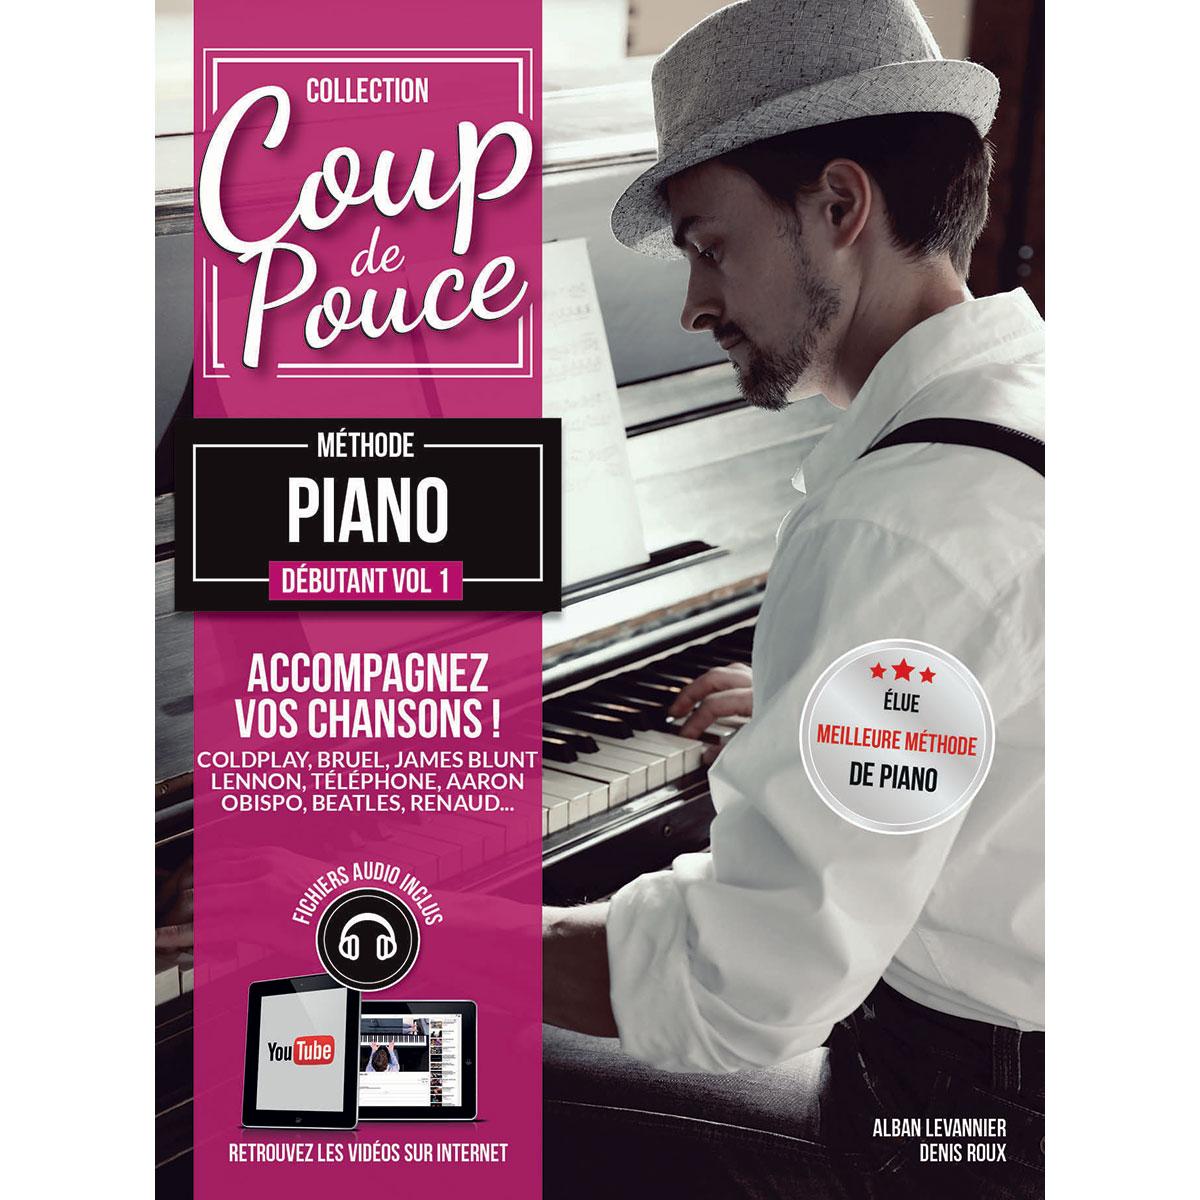 Les partitions mistral gagnant piano - Coup de pouce centre sud ...